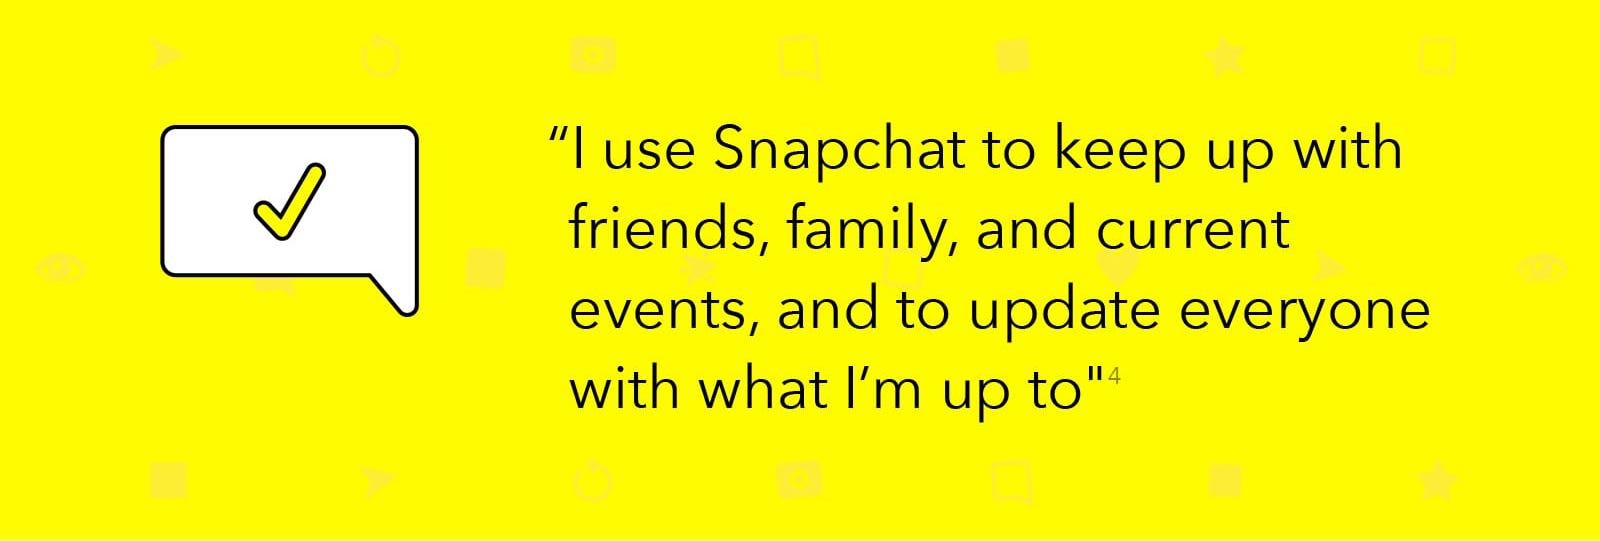 Stratégie Snapchat : qui sont les utilisateurs que vous souhaitez cibler ?